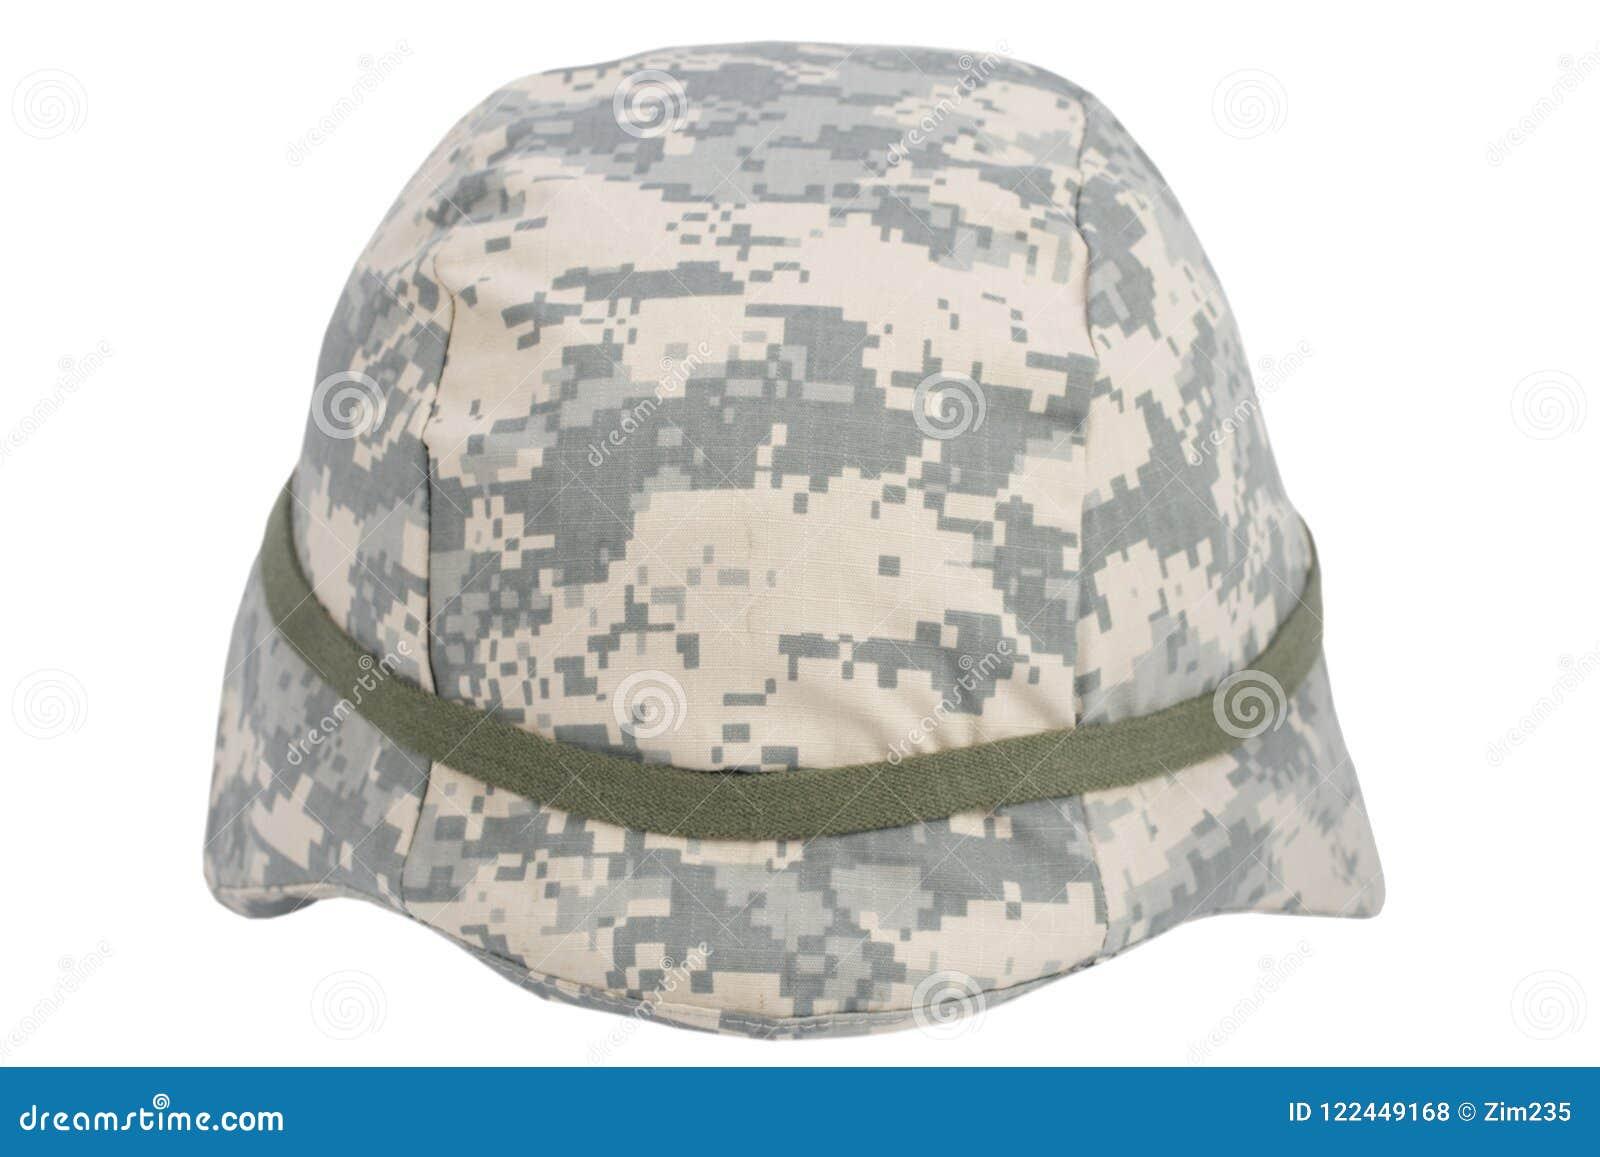 Casco de Kevlar del Ejército de los EE. UU. con la cubierta camuflada  aislada en blanco b7c33eb7e63